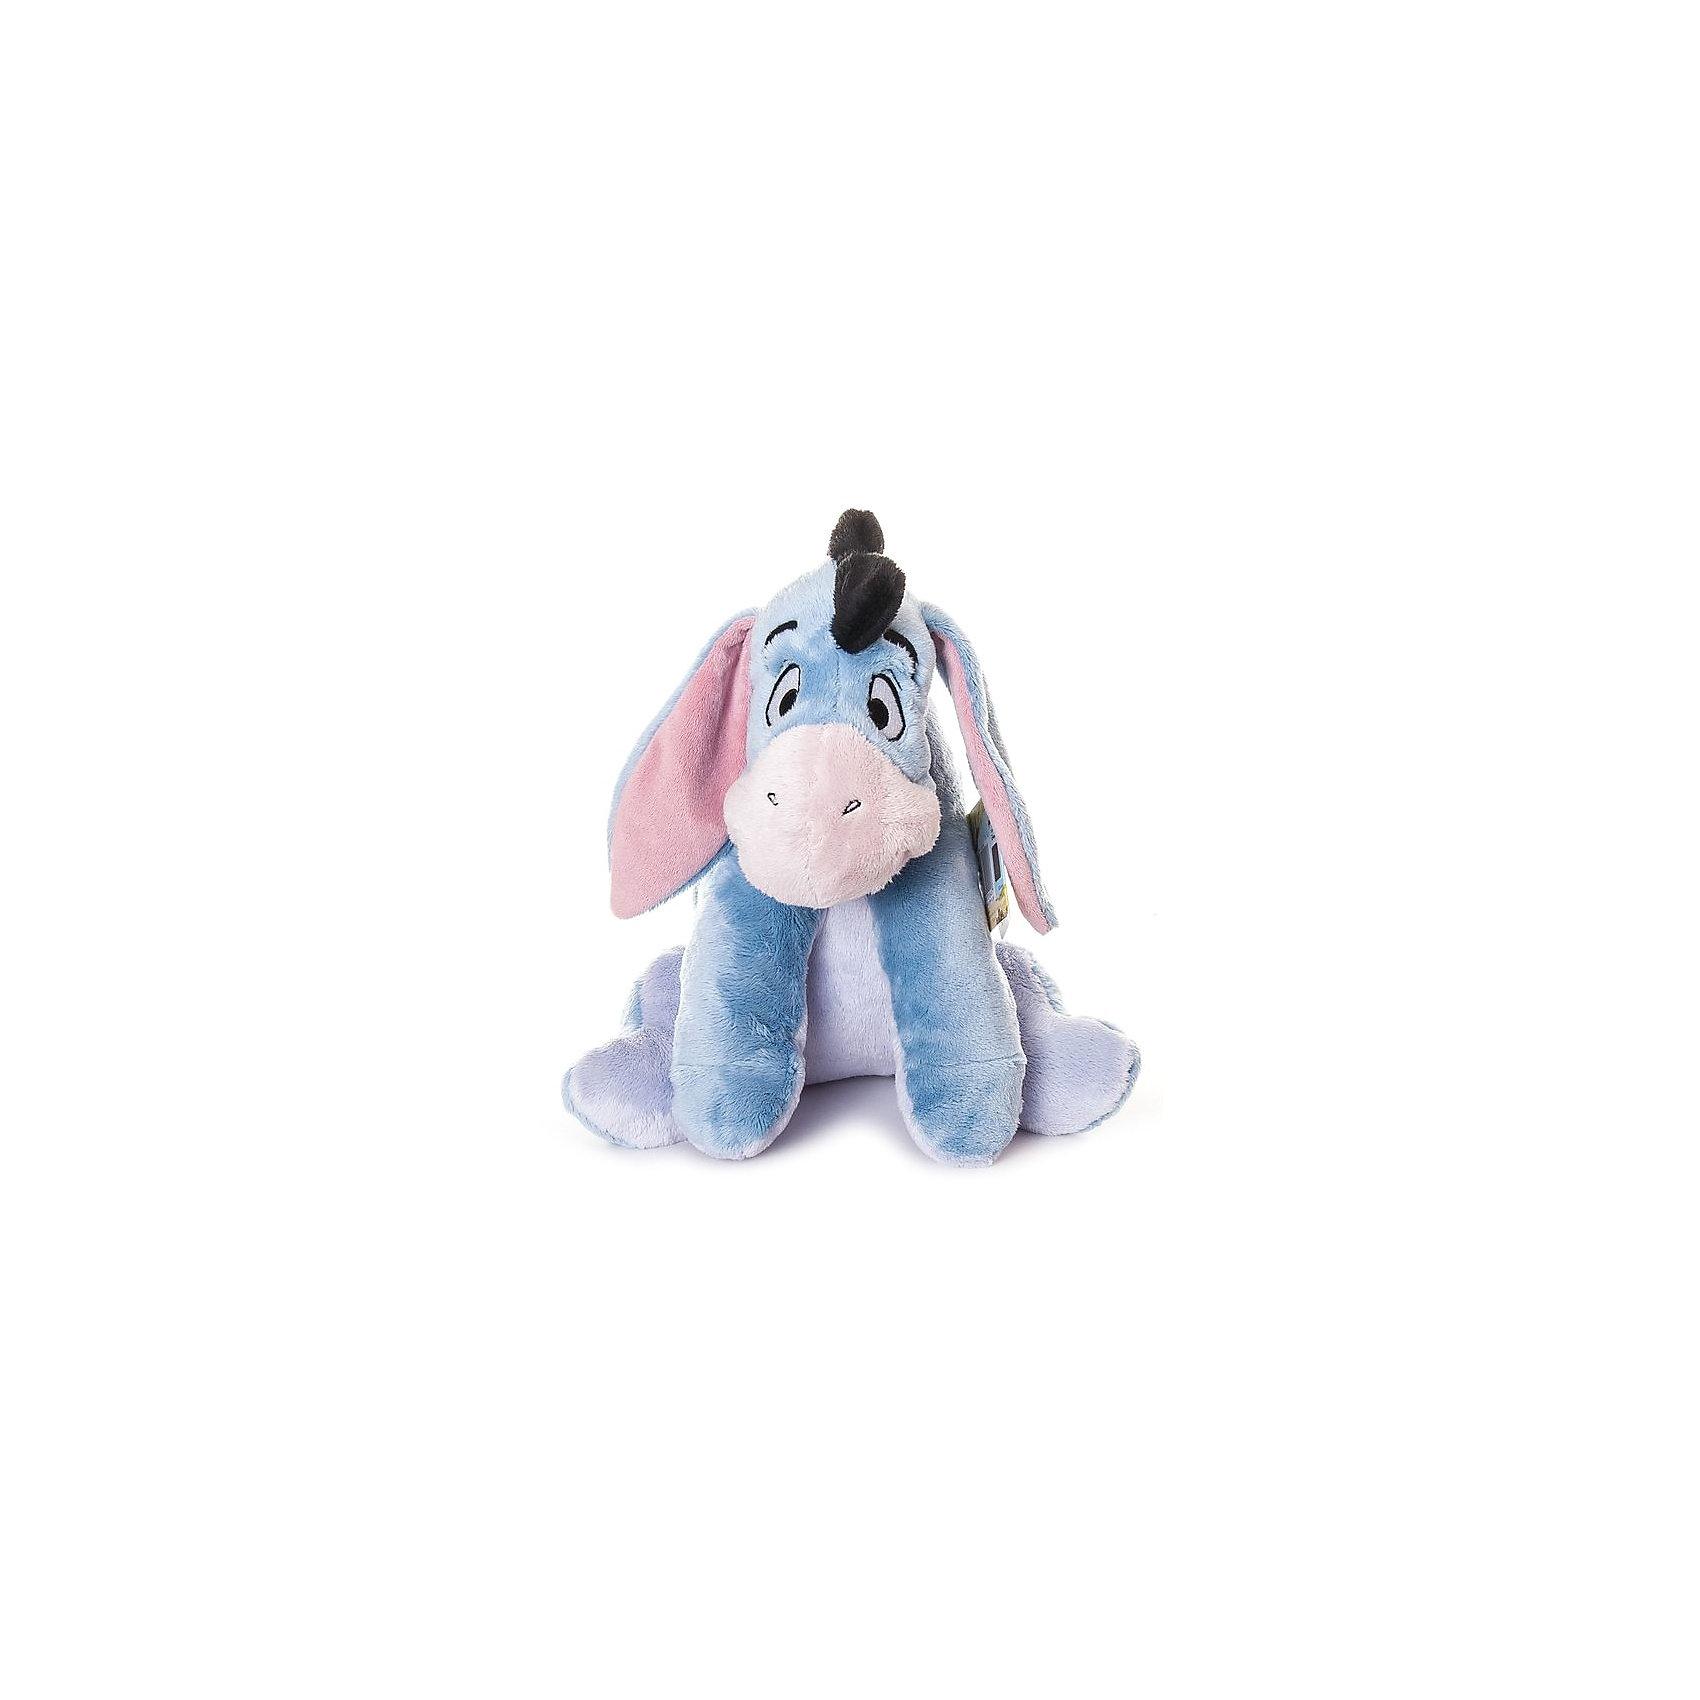 Disney Мягкая игрушка Ушастик, 35 см, Винни Пух мягкая игрушка disney ушастик 17 см